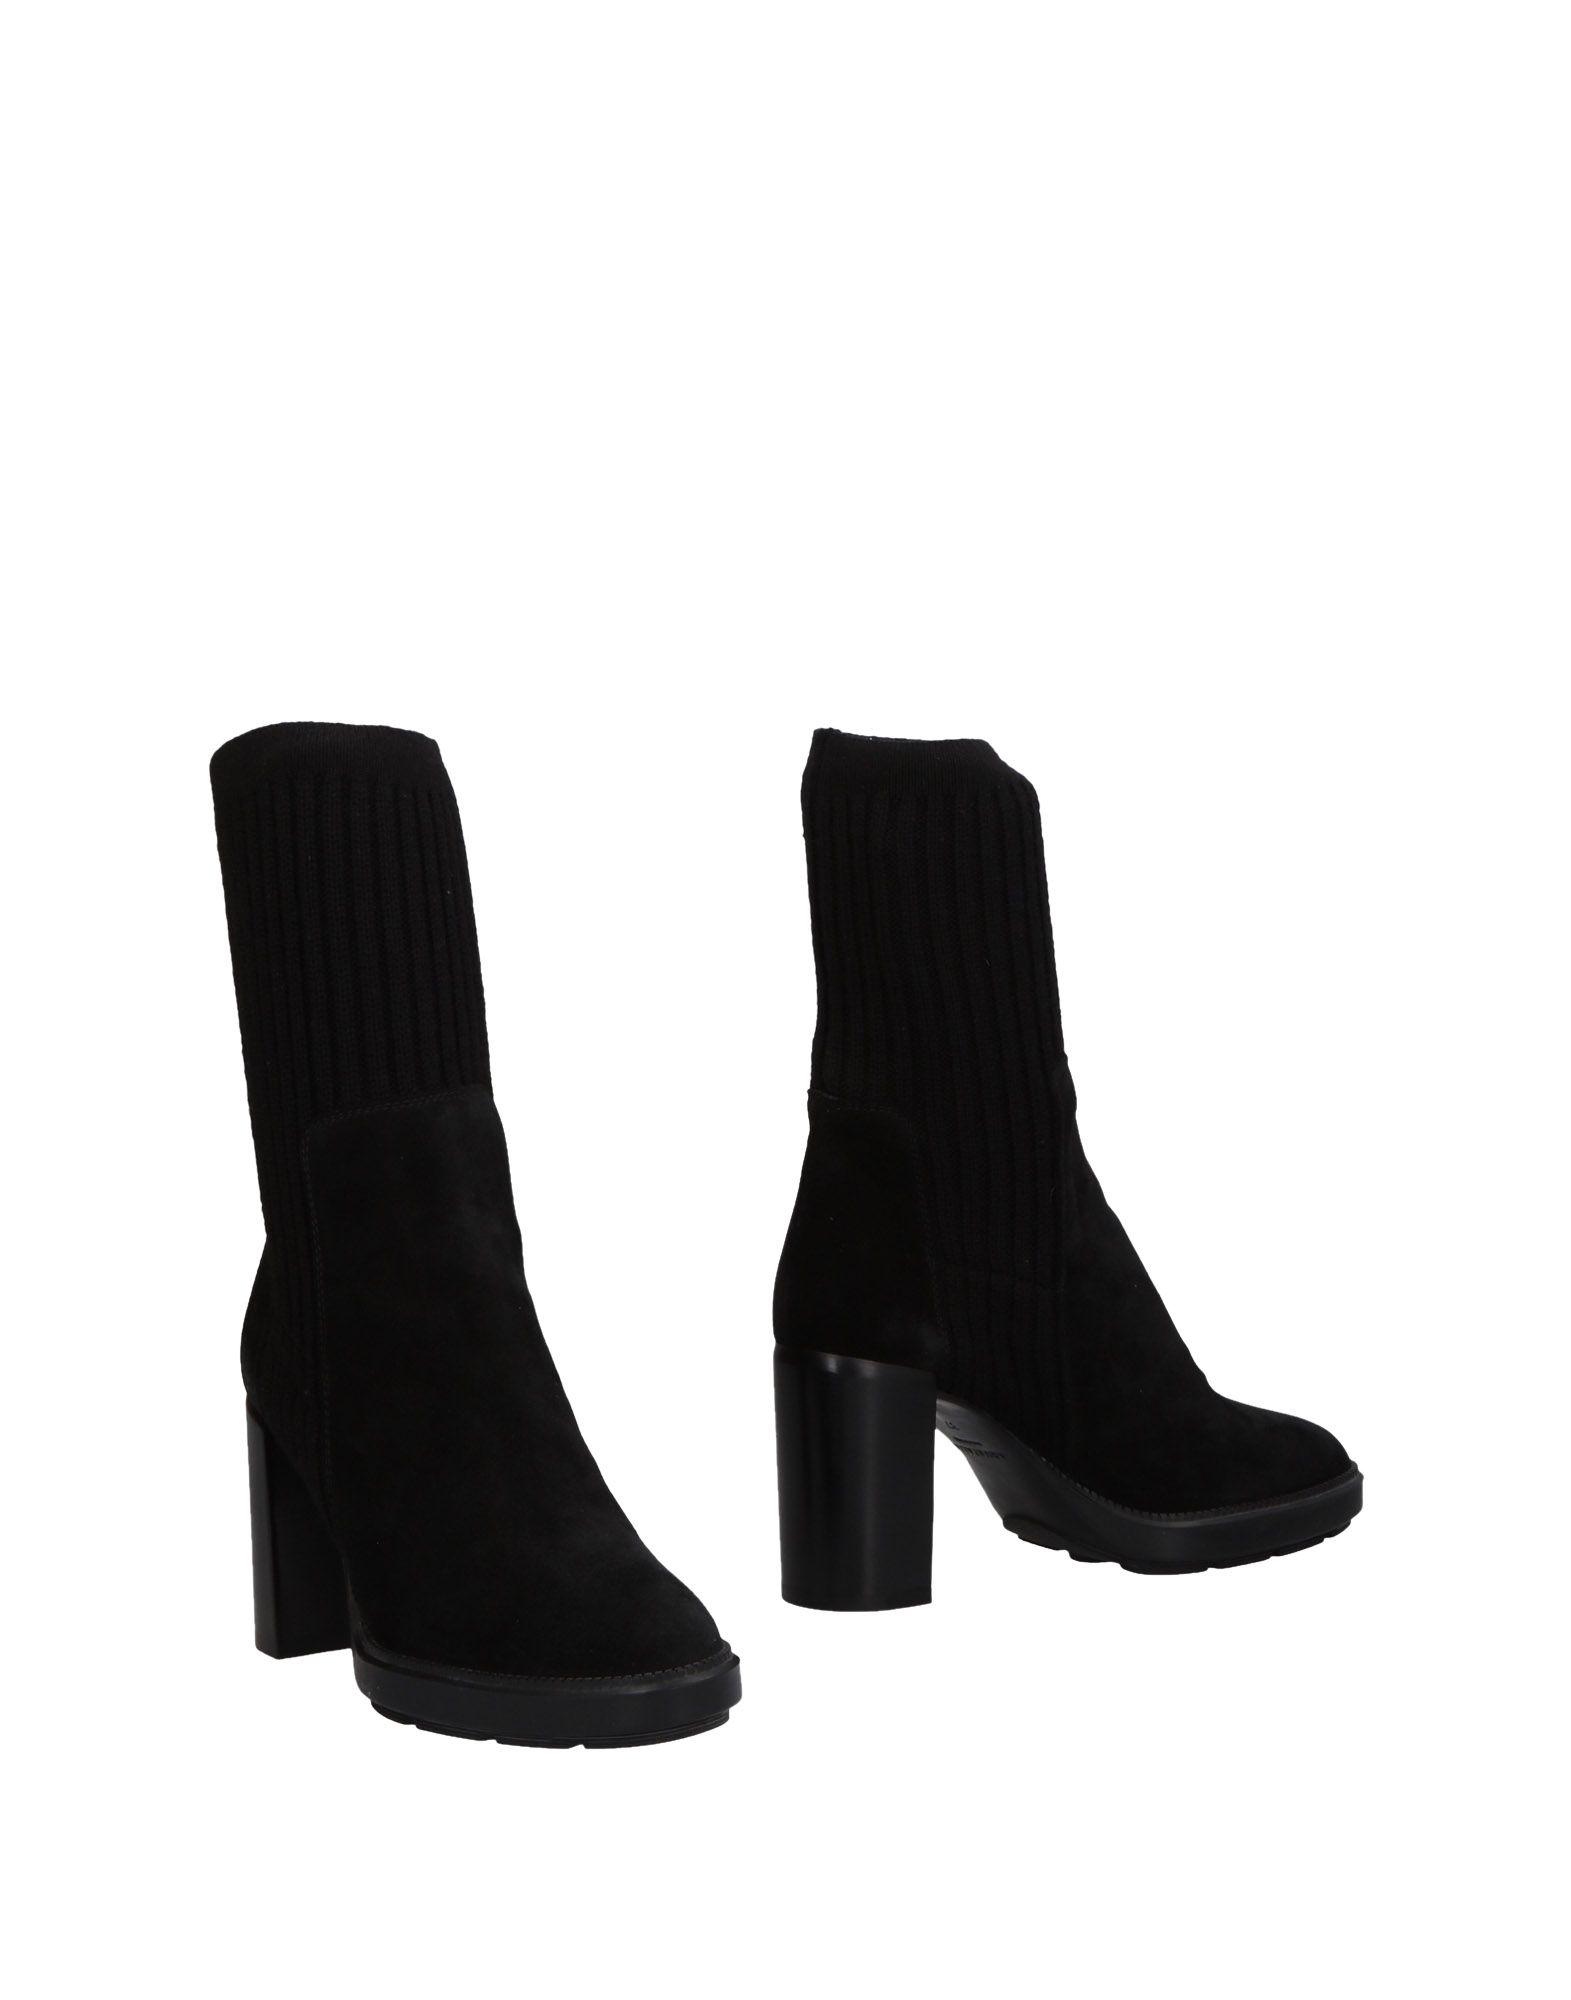 Aquatalia By Marvin K. Stiefelette Damen  11472517FLGut aussehende strapazierfähige Schuhe